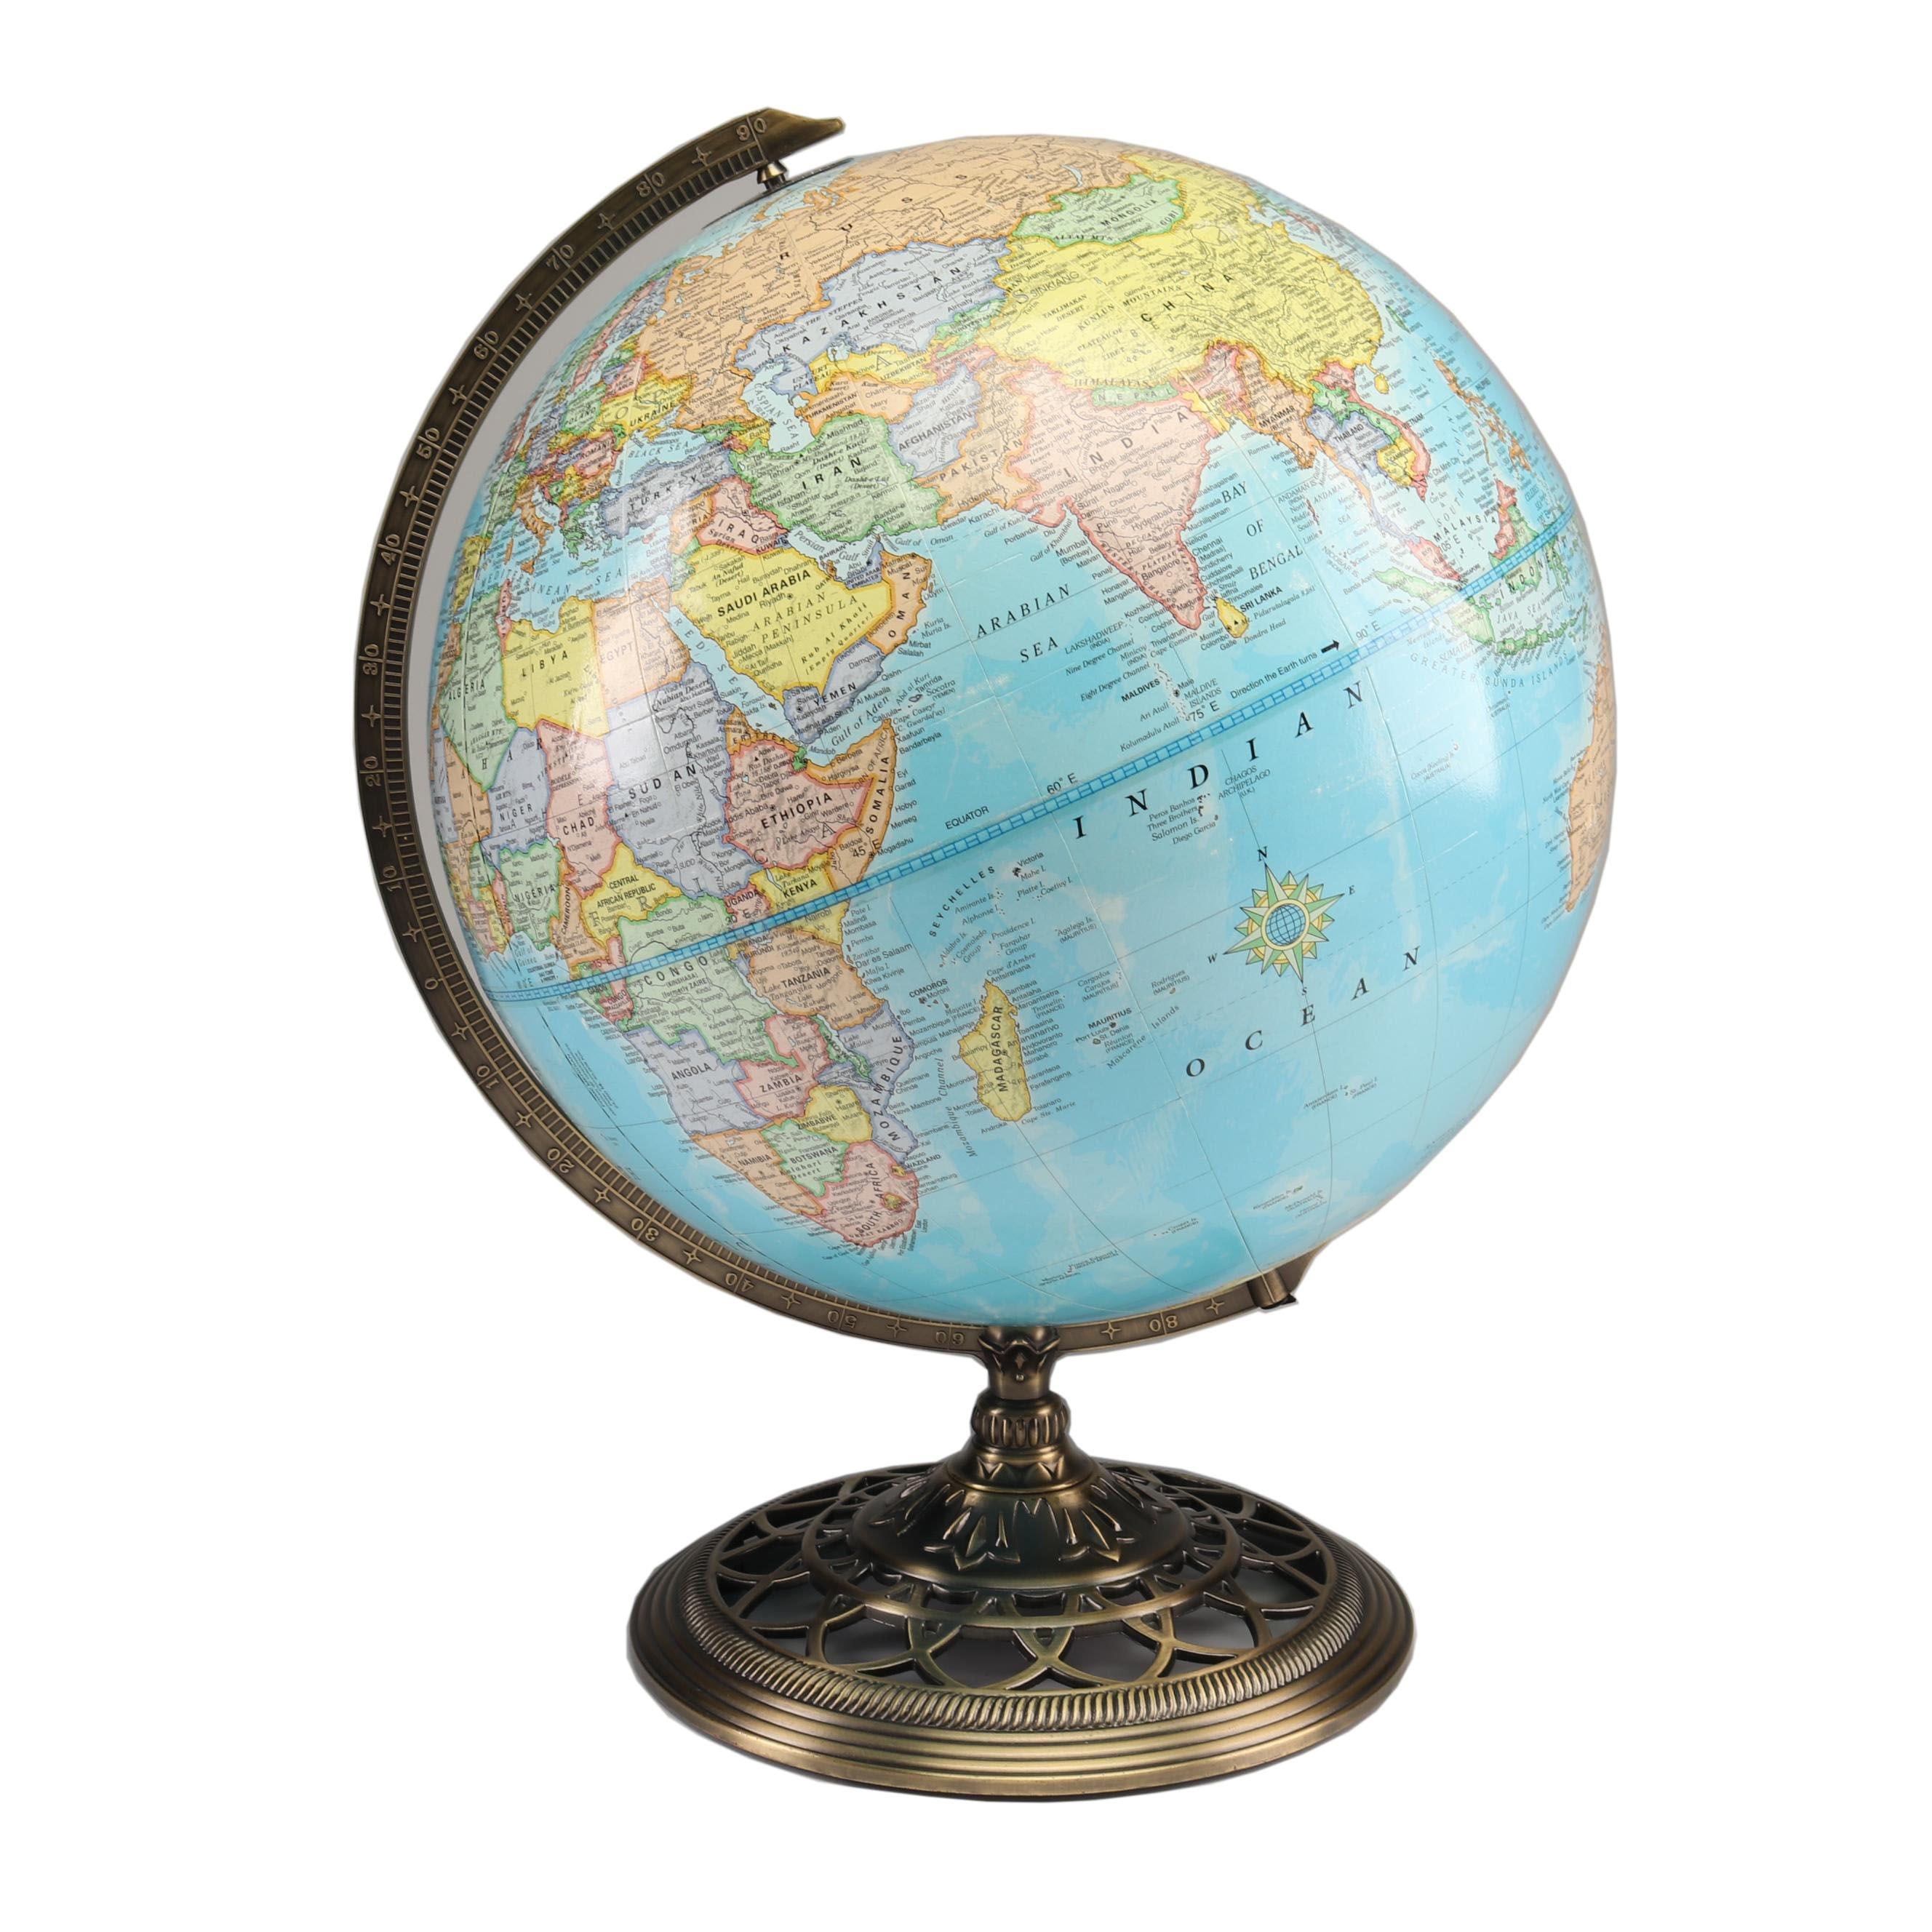 George F. Cram Co. World Globe